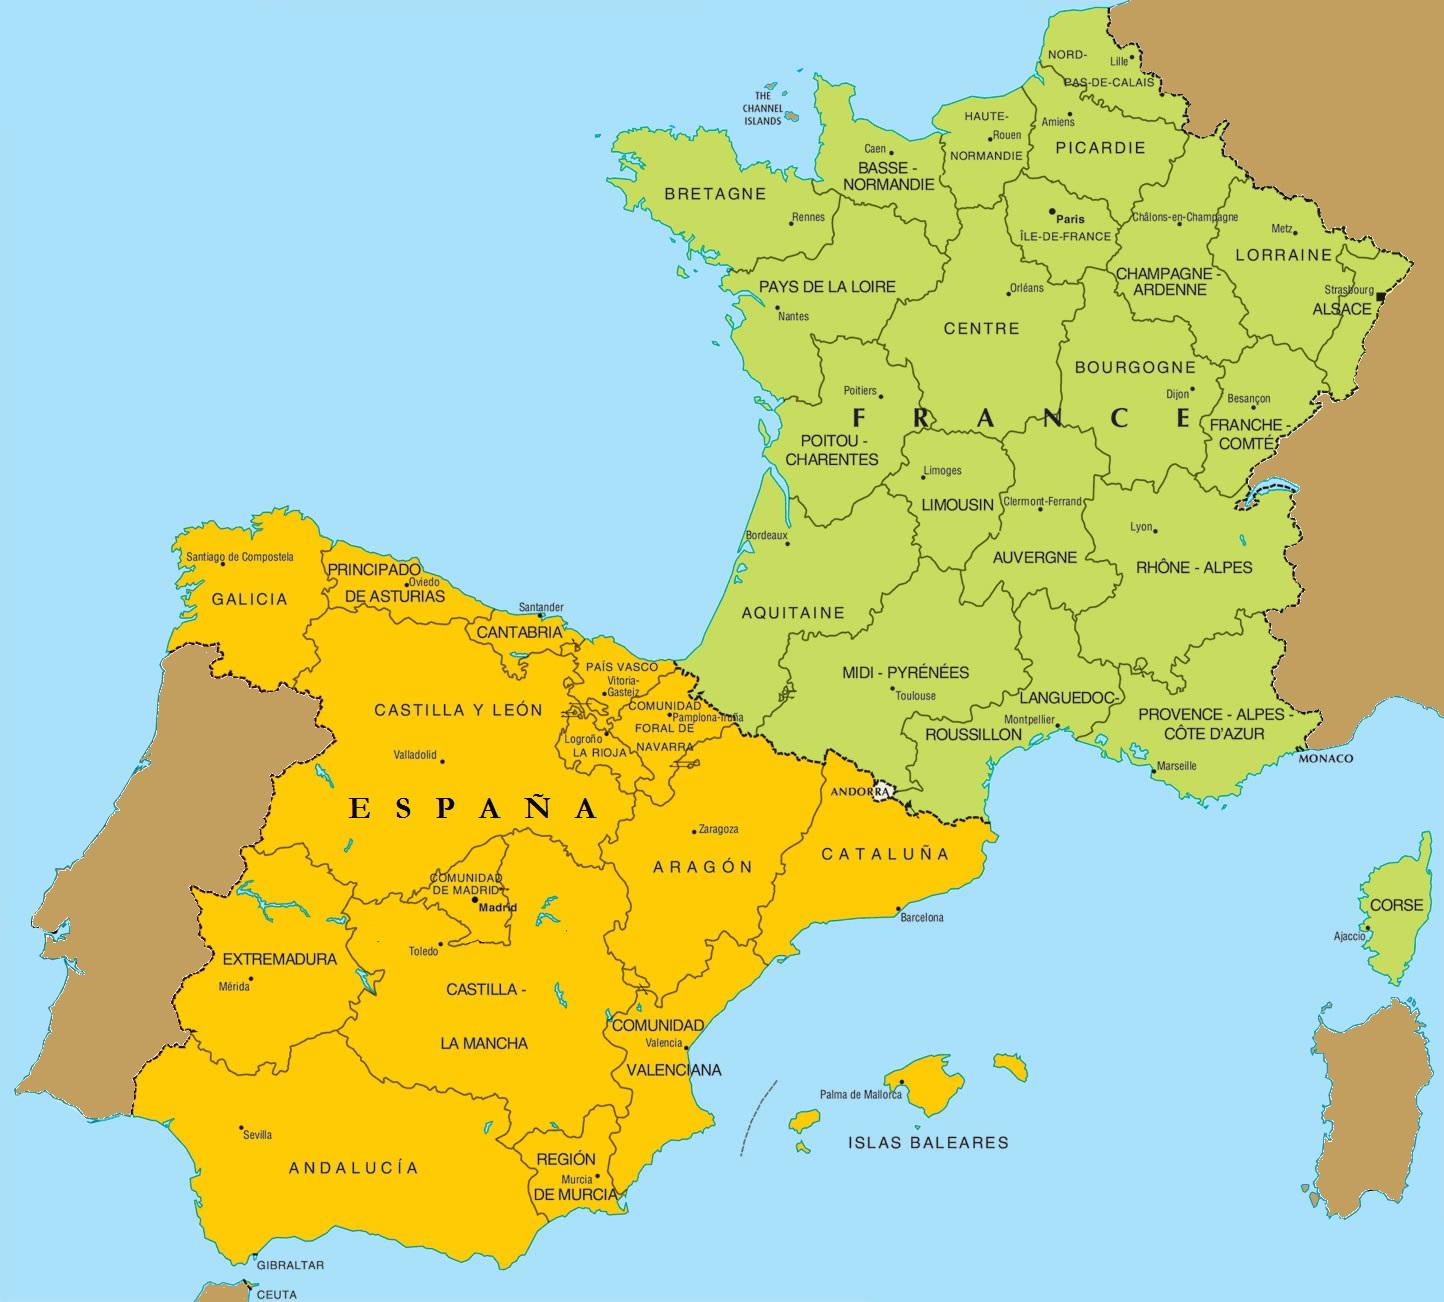 carte france et espagne 25 Images Carte De France Et Espagne